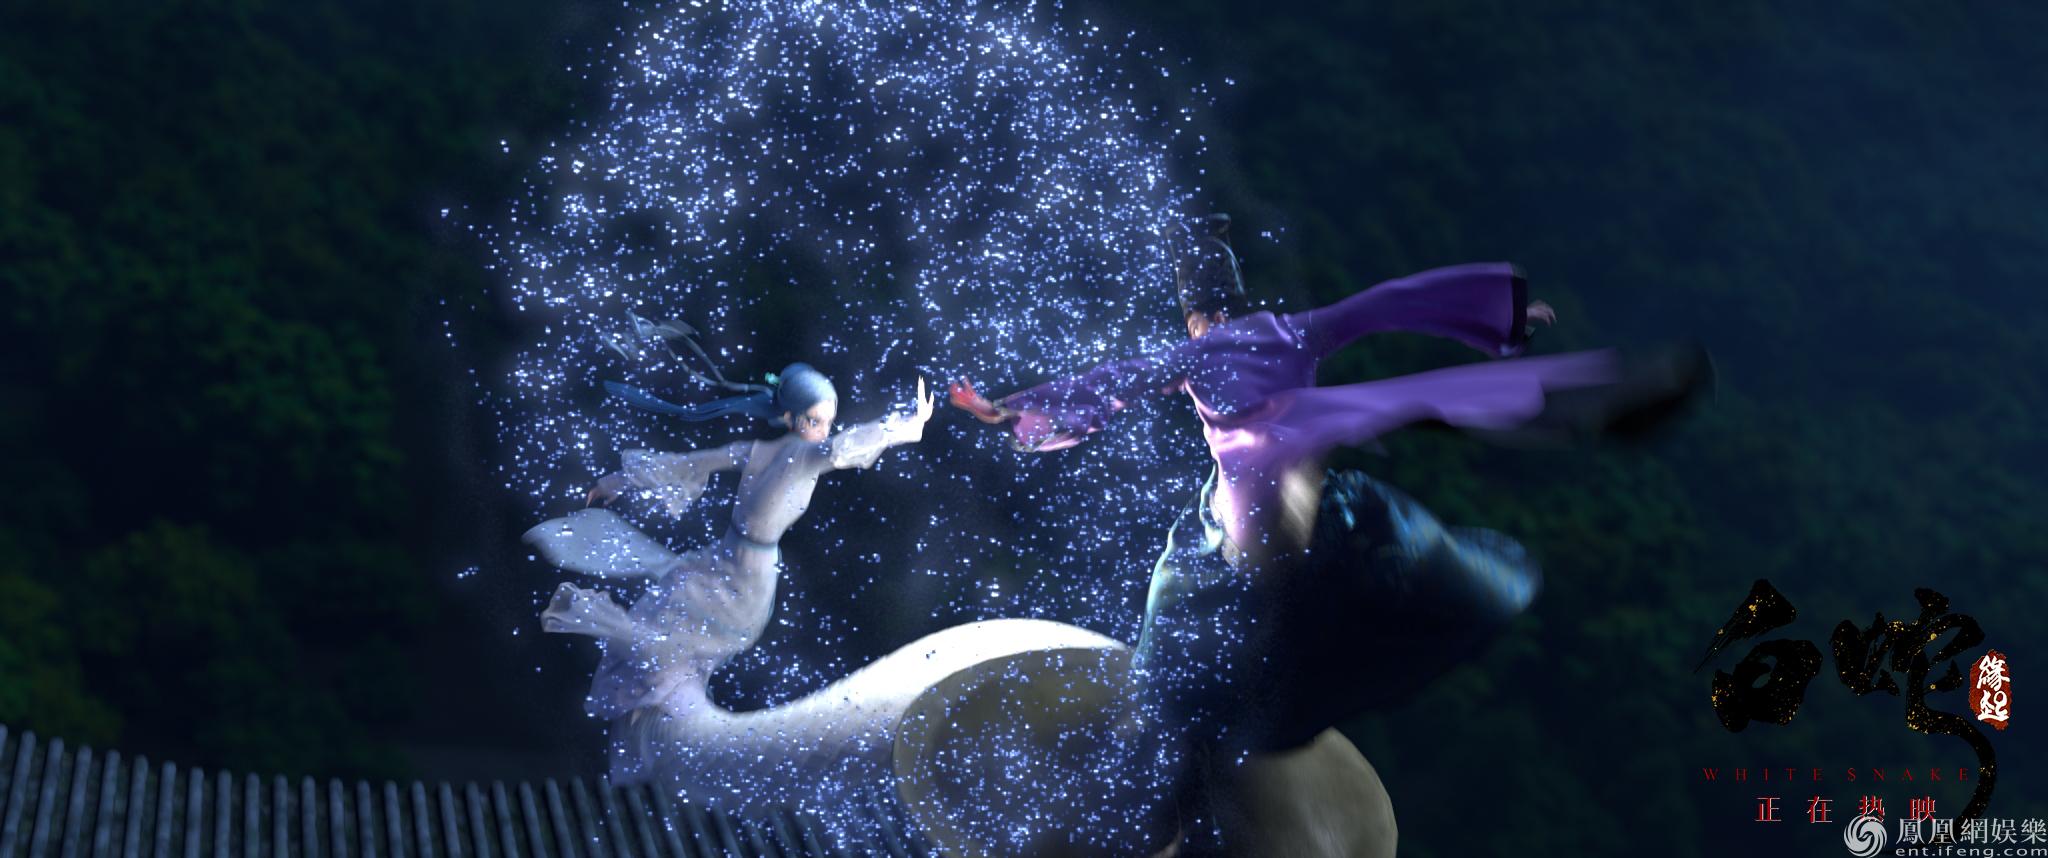 《白蛇:缘起》首周末口碑超高 获得史上国漫最高分